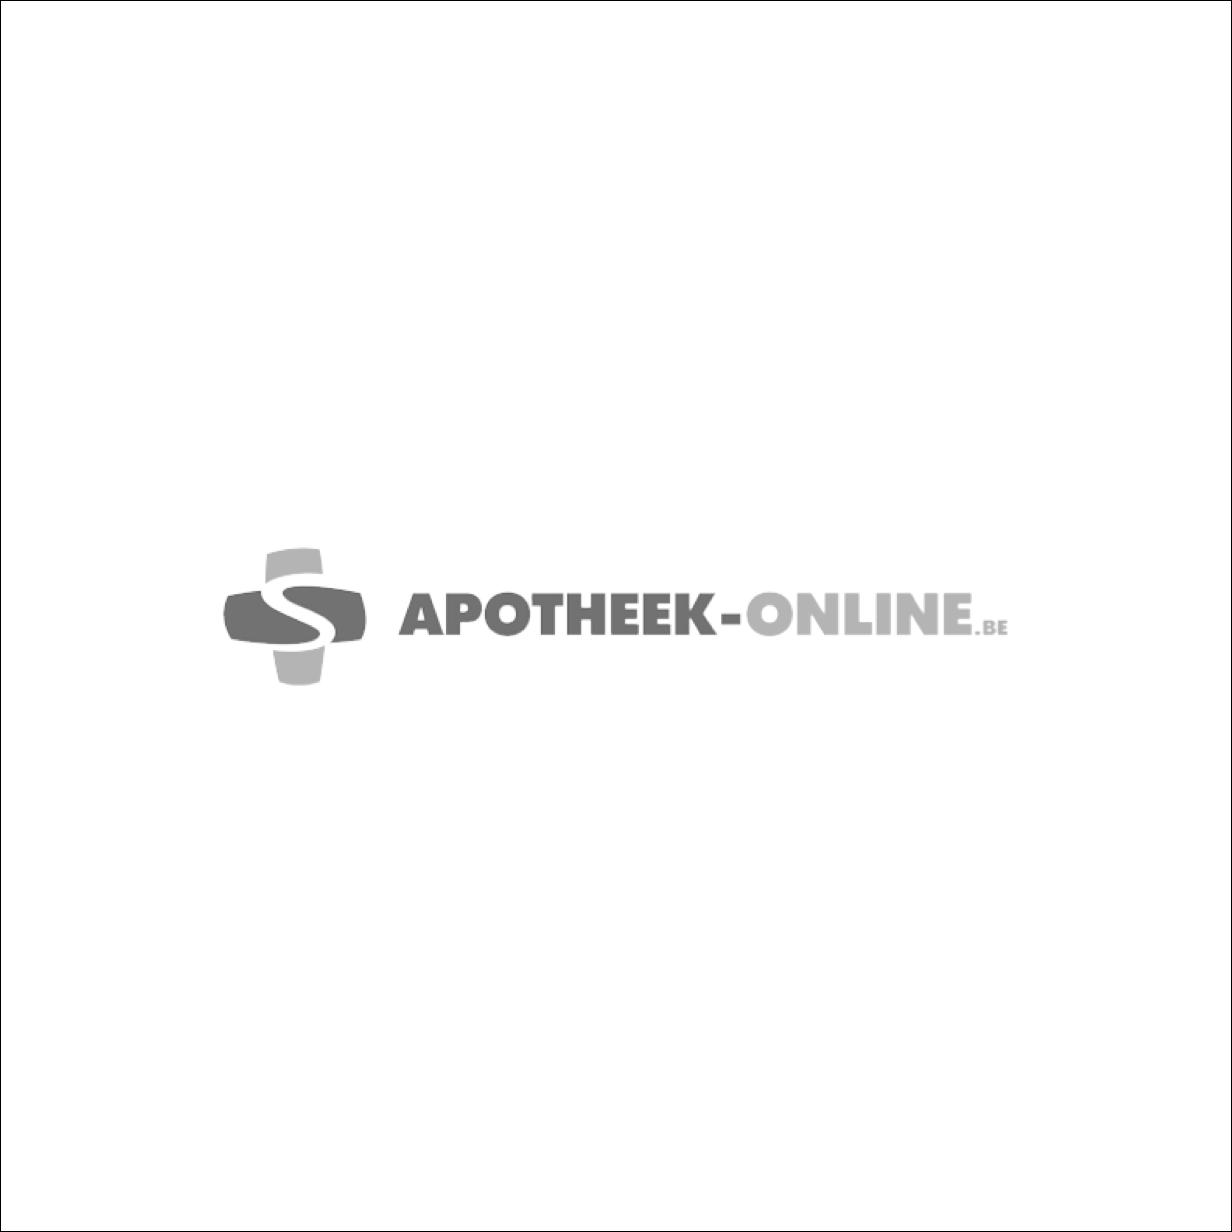 COBAN 3M KOMPRESSIESYSTEEM 2LAGEN ROL 2 2094